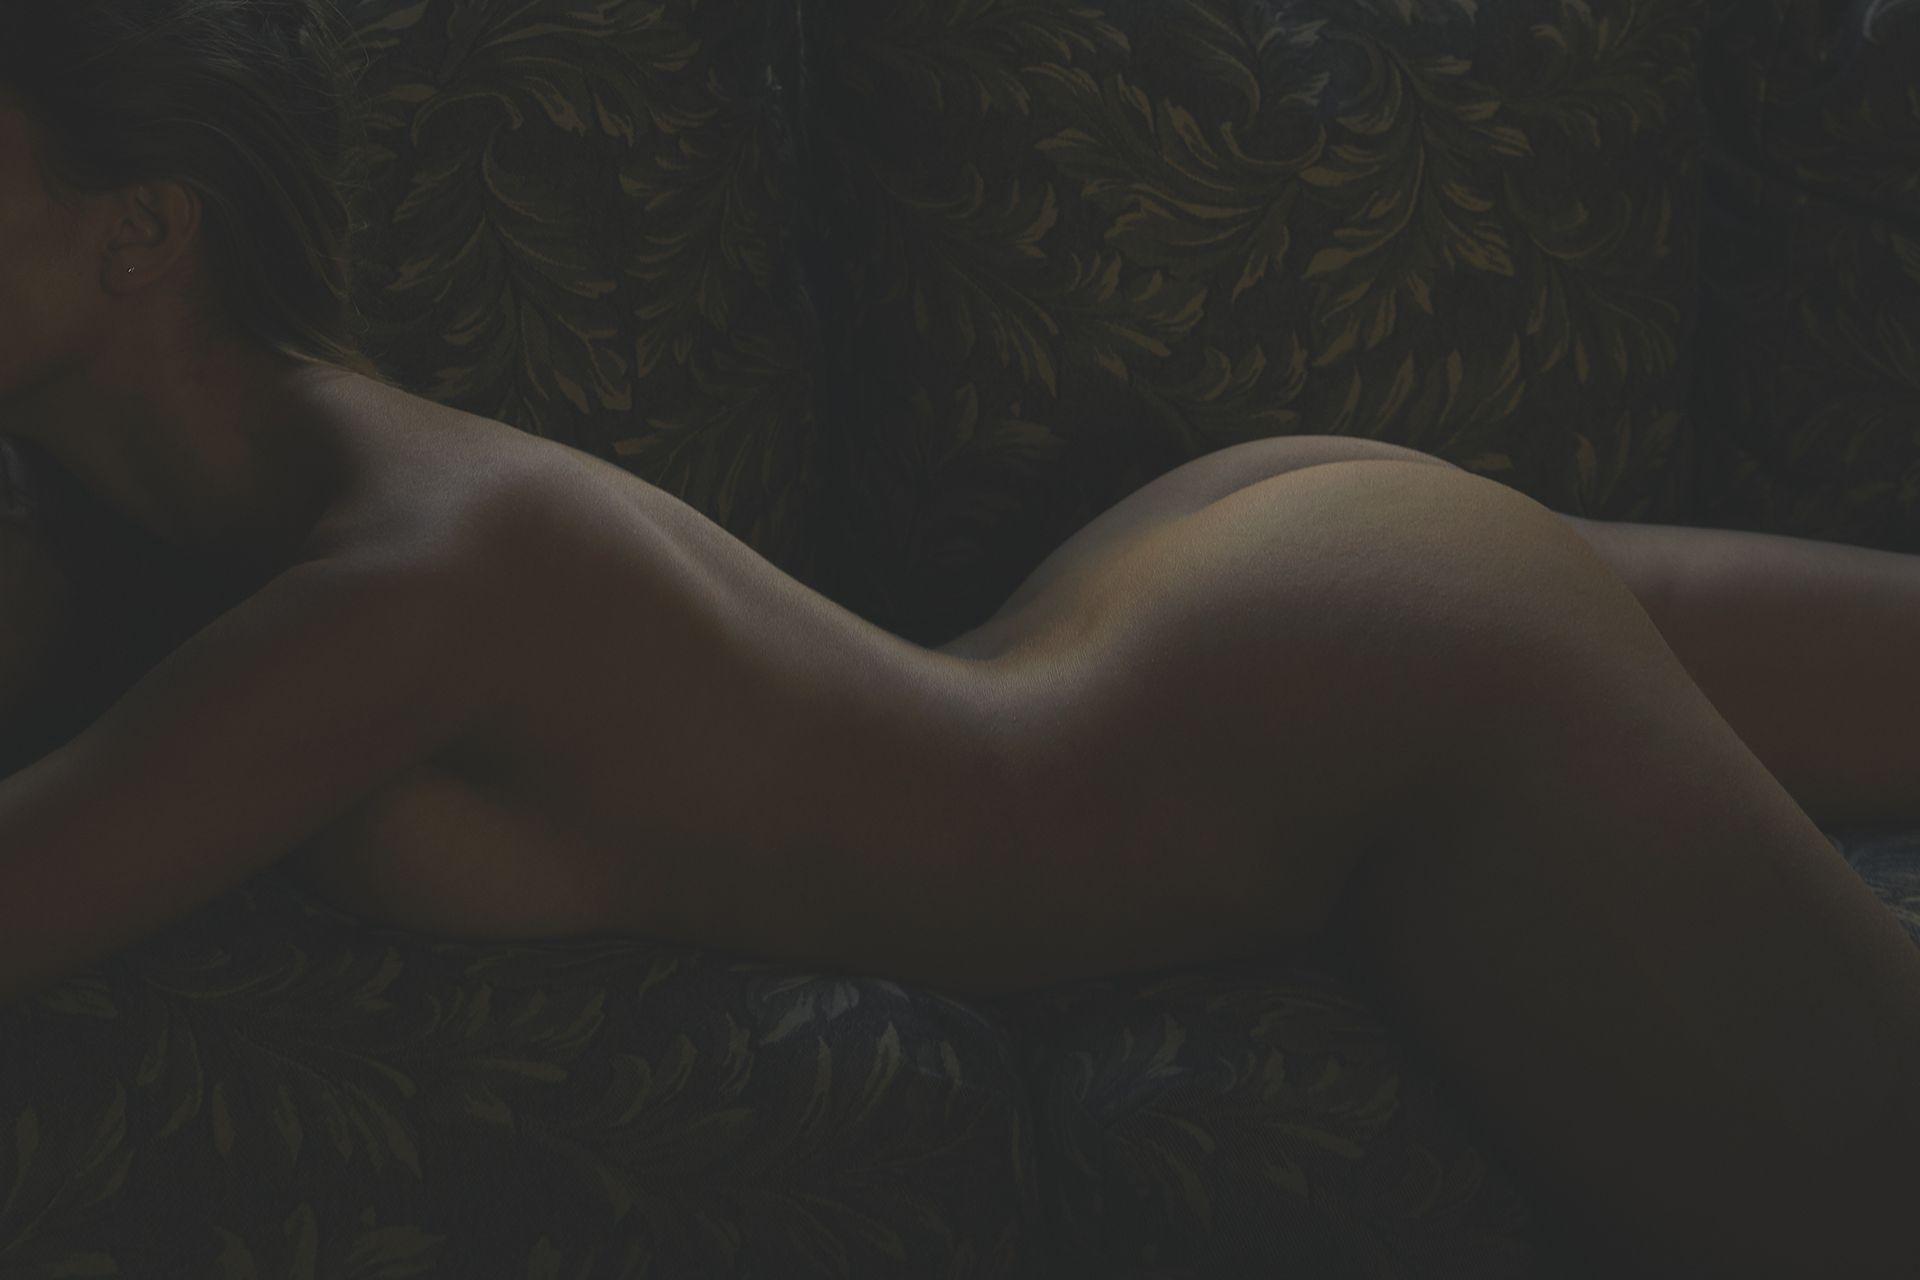 Kara Del Toro Nude & Sexy 0037